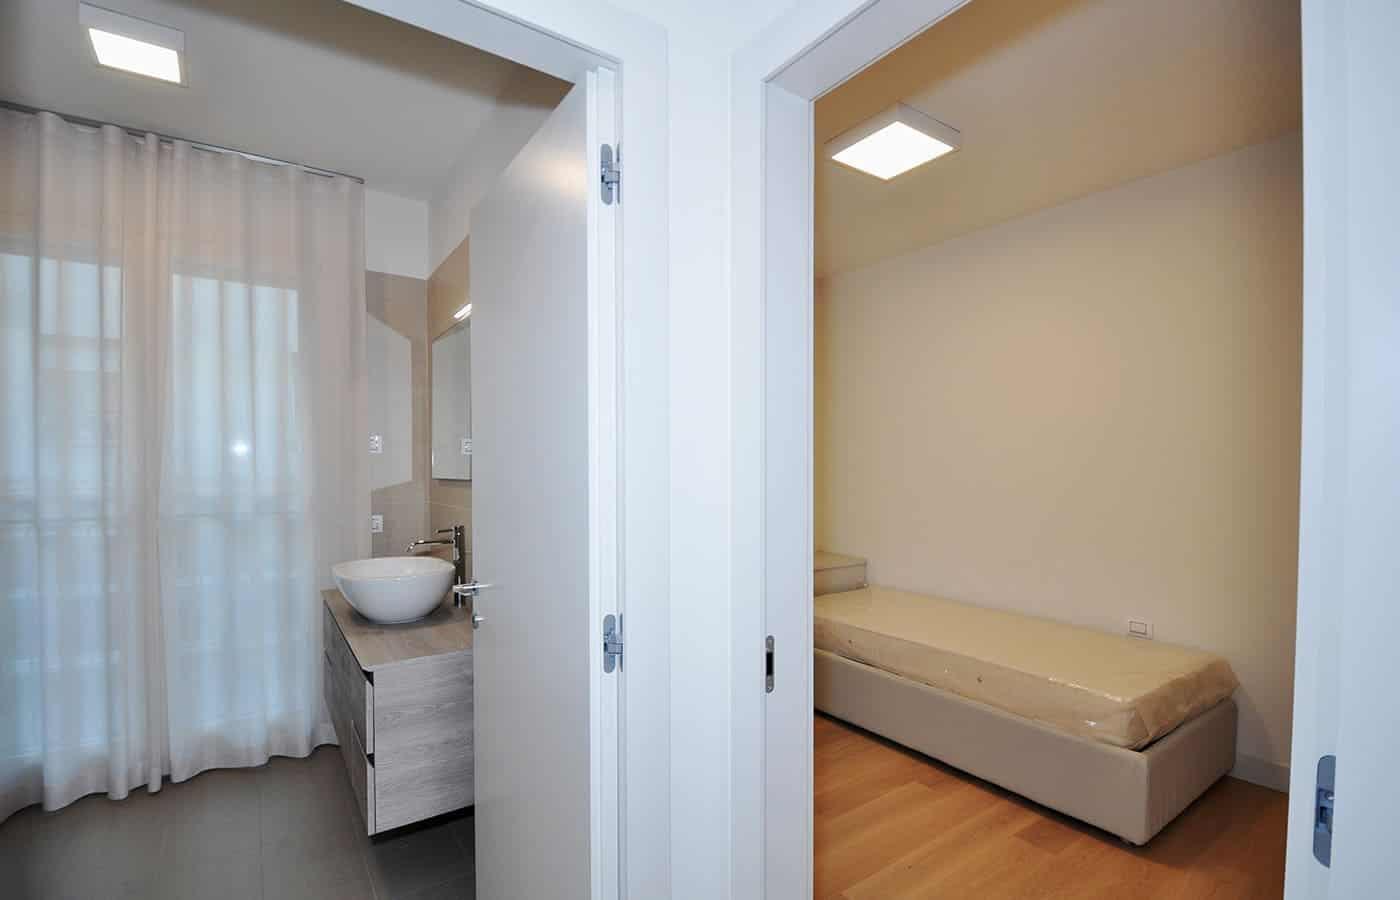 Corridoio Bagno - Progetto Via Varese Milano - Il Mobile